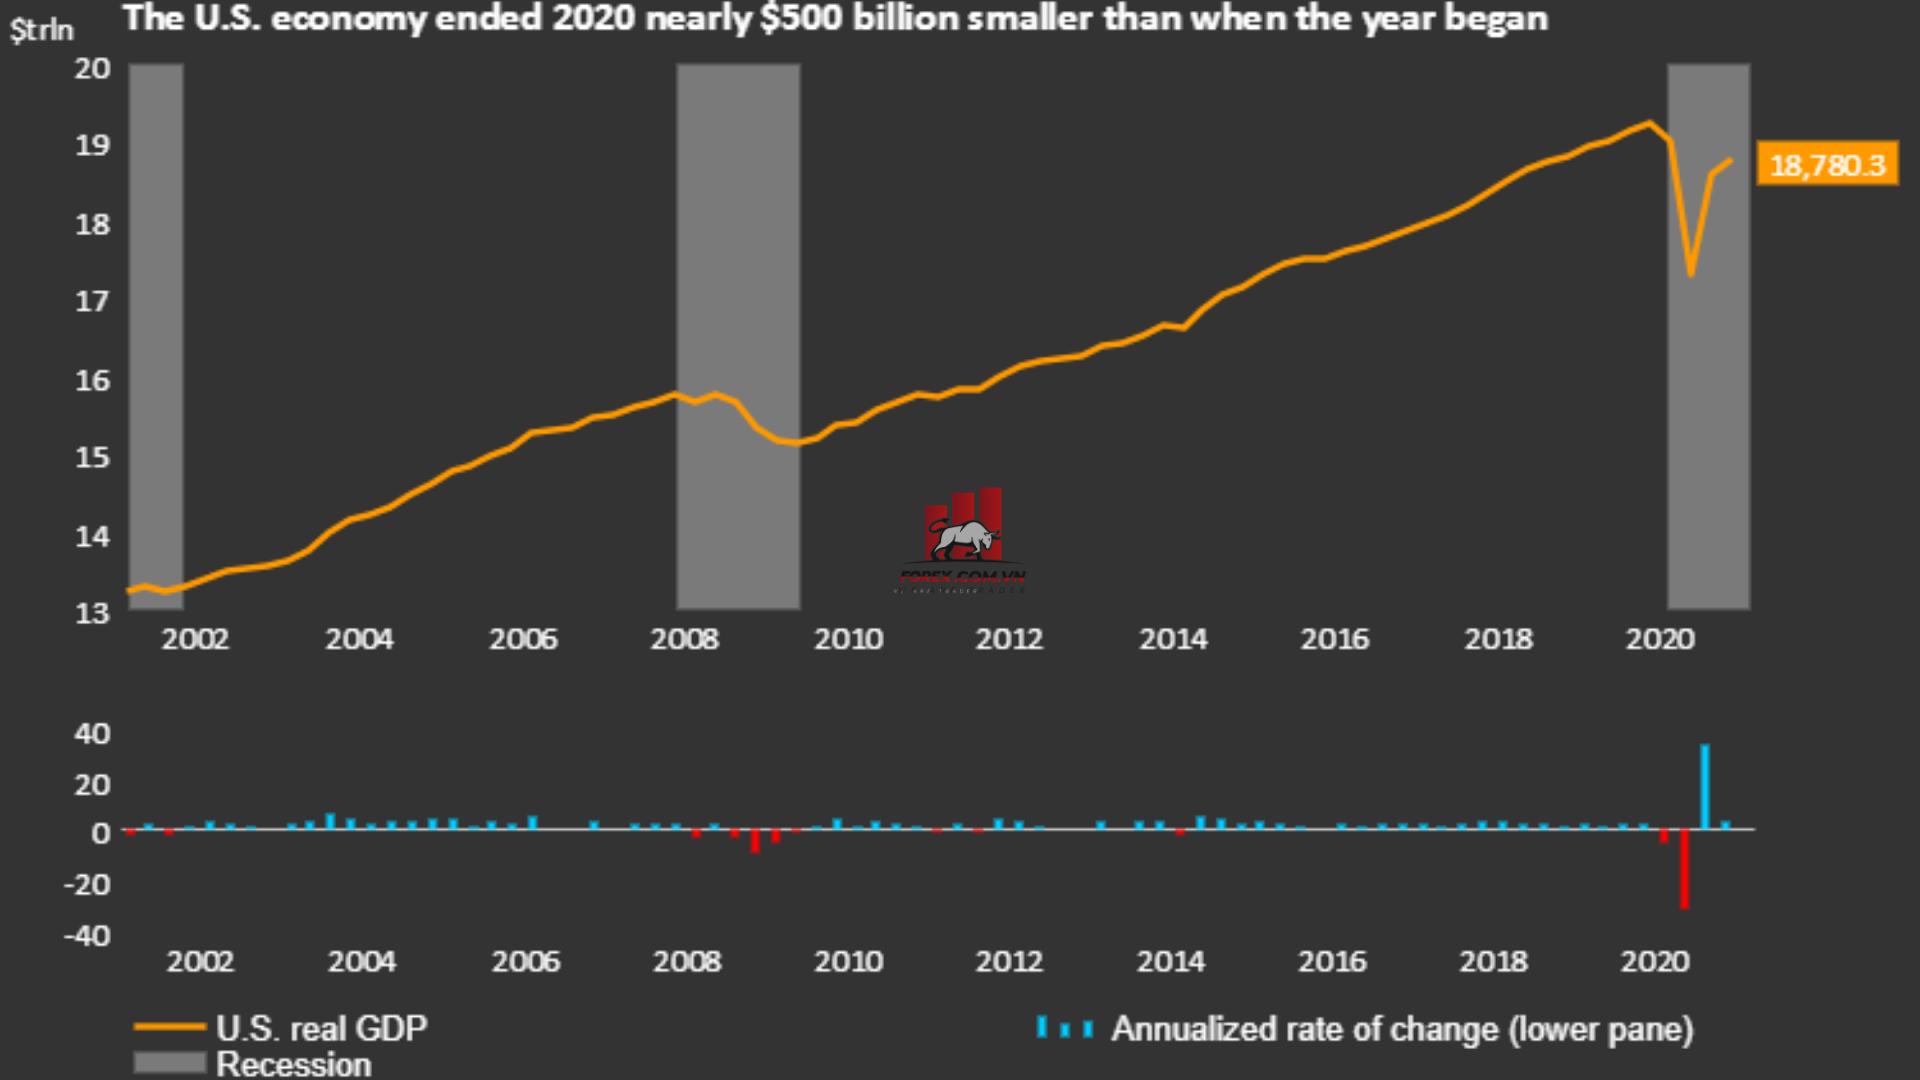 Kinh tế Mỹ - GDP của Mỹ năm 2020